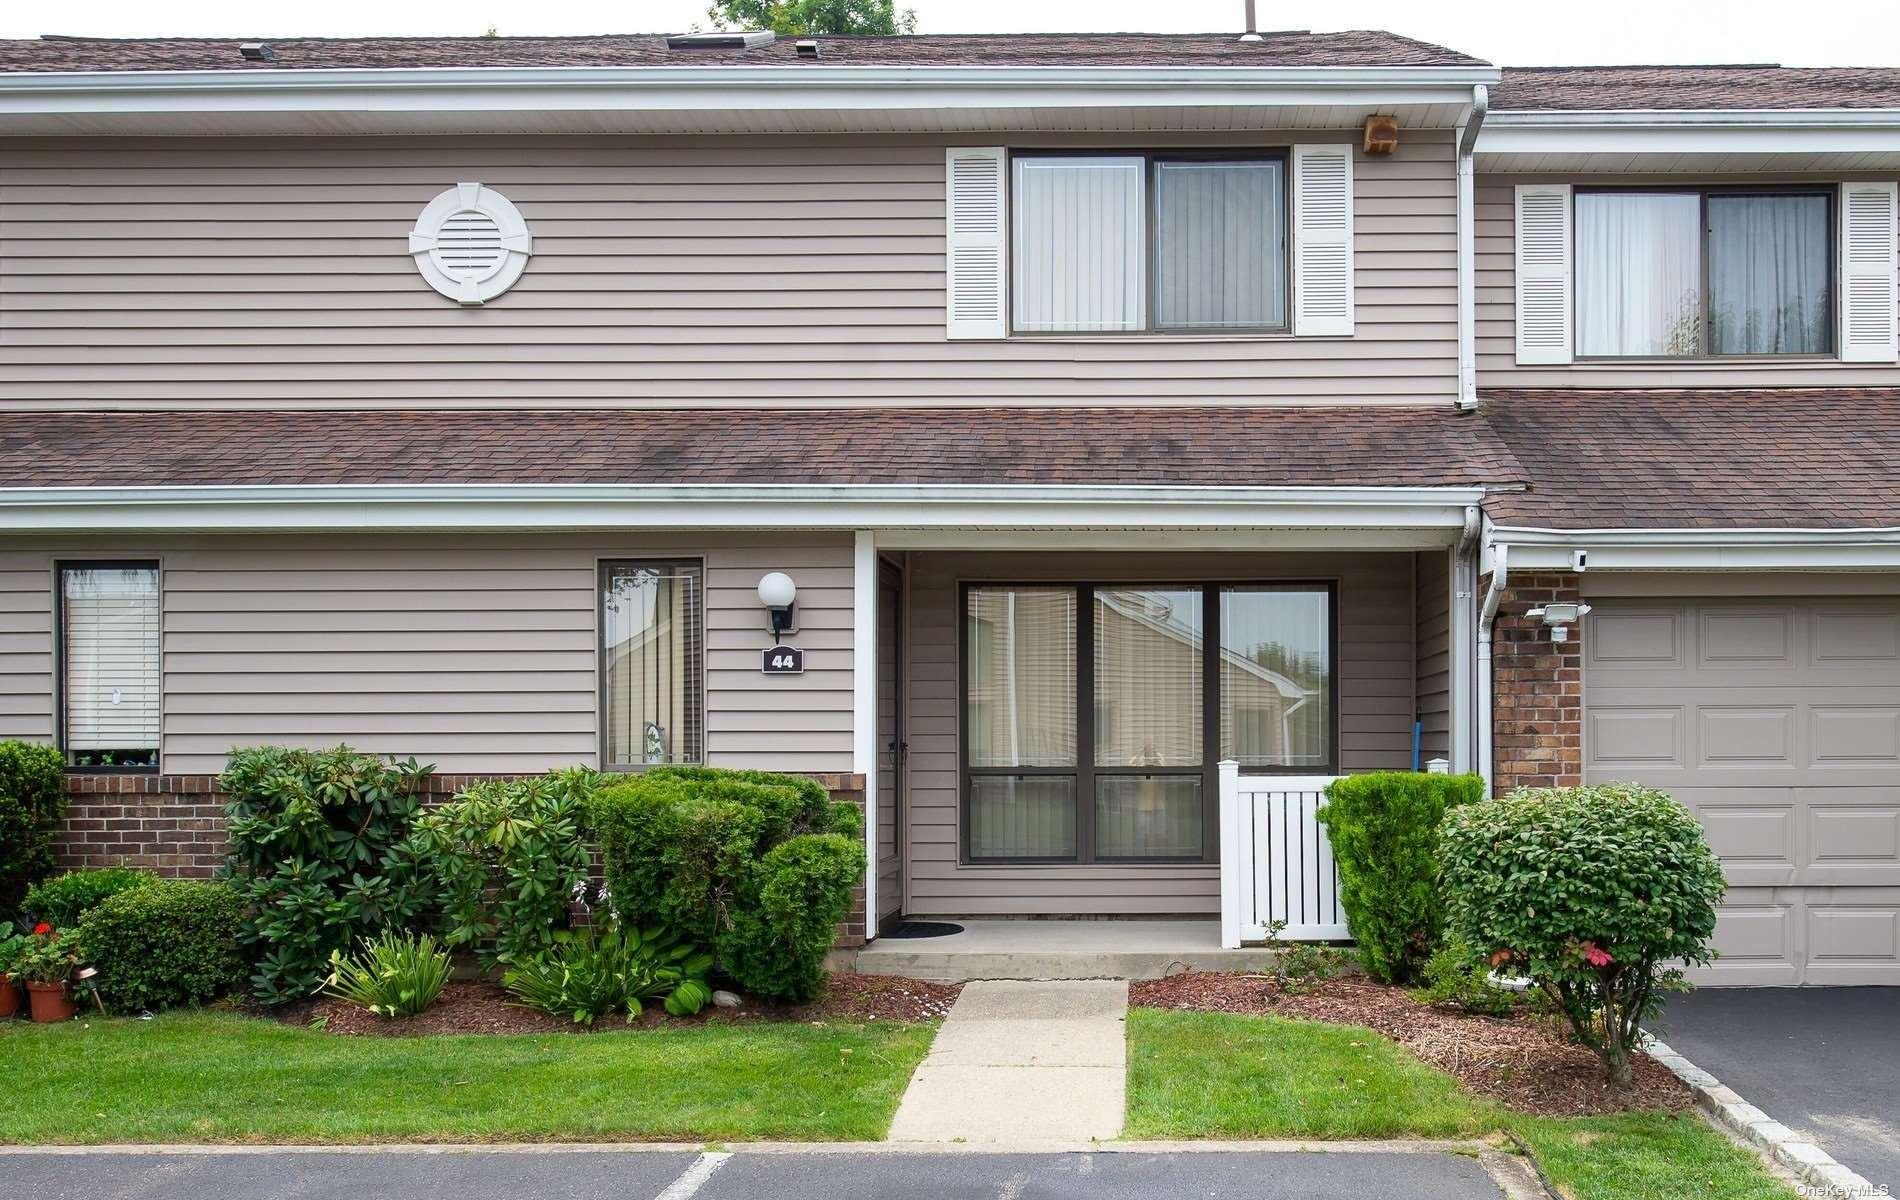 44 W. Pond Court #44, Smithtown, NY 11787 - MLS#: 3332480